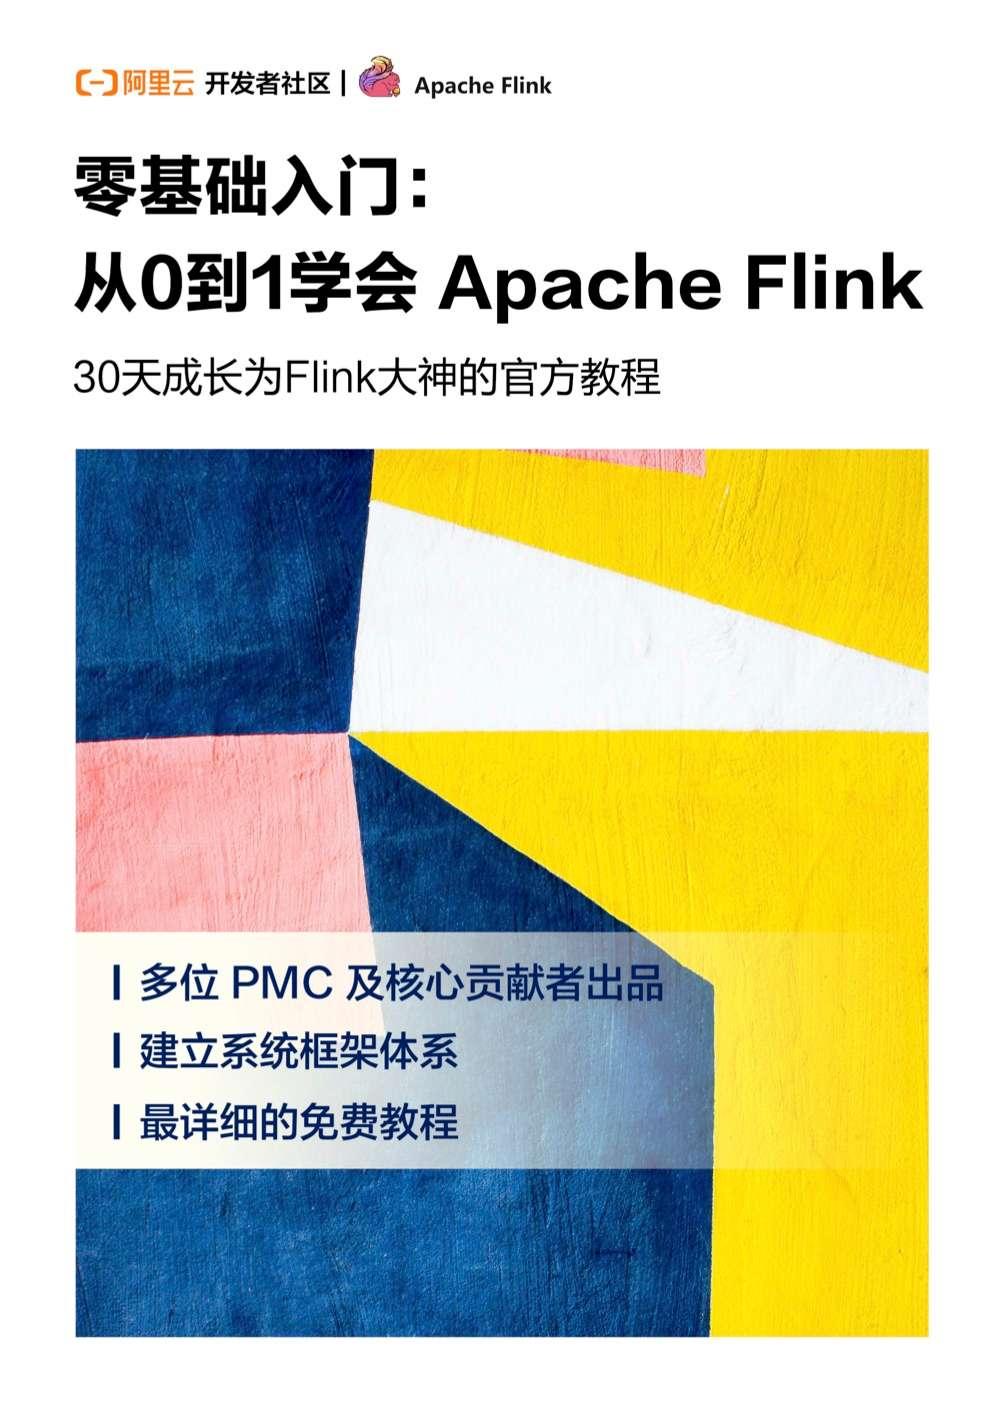 零基础入门:从 0 到 1 学会 Apache Flink